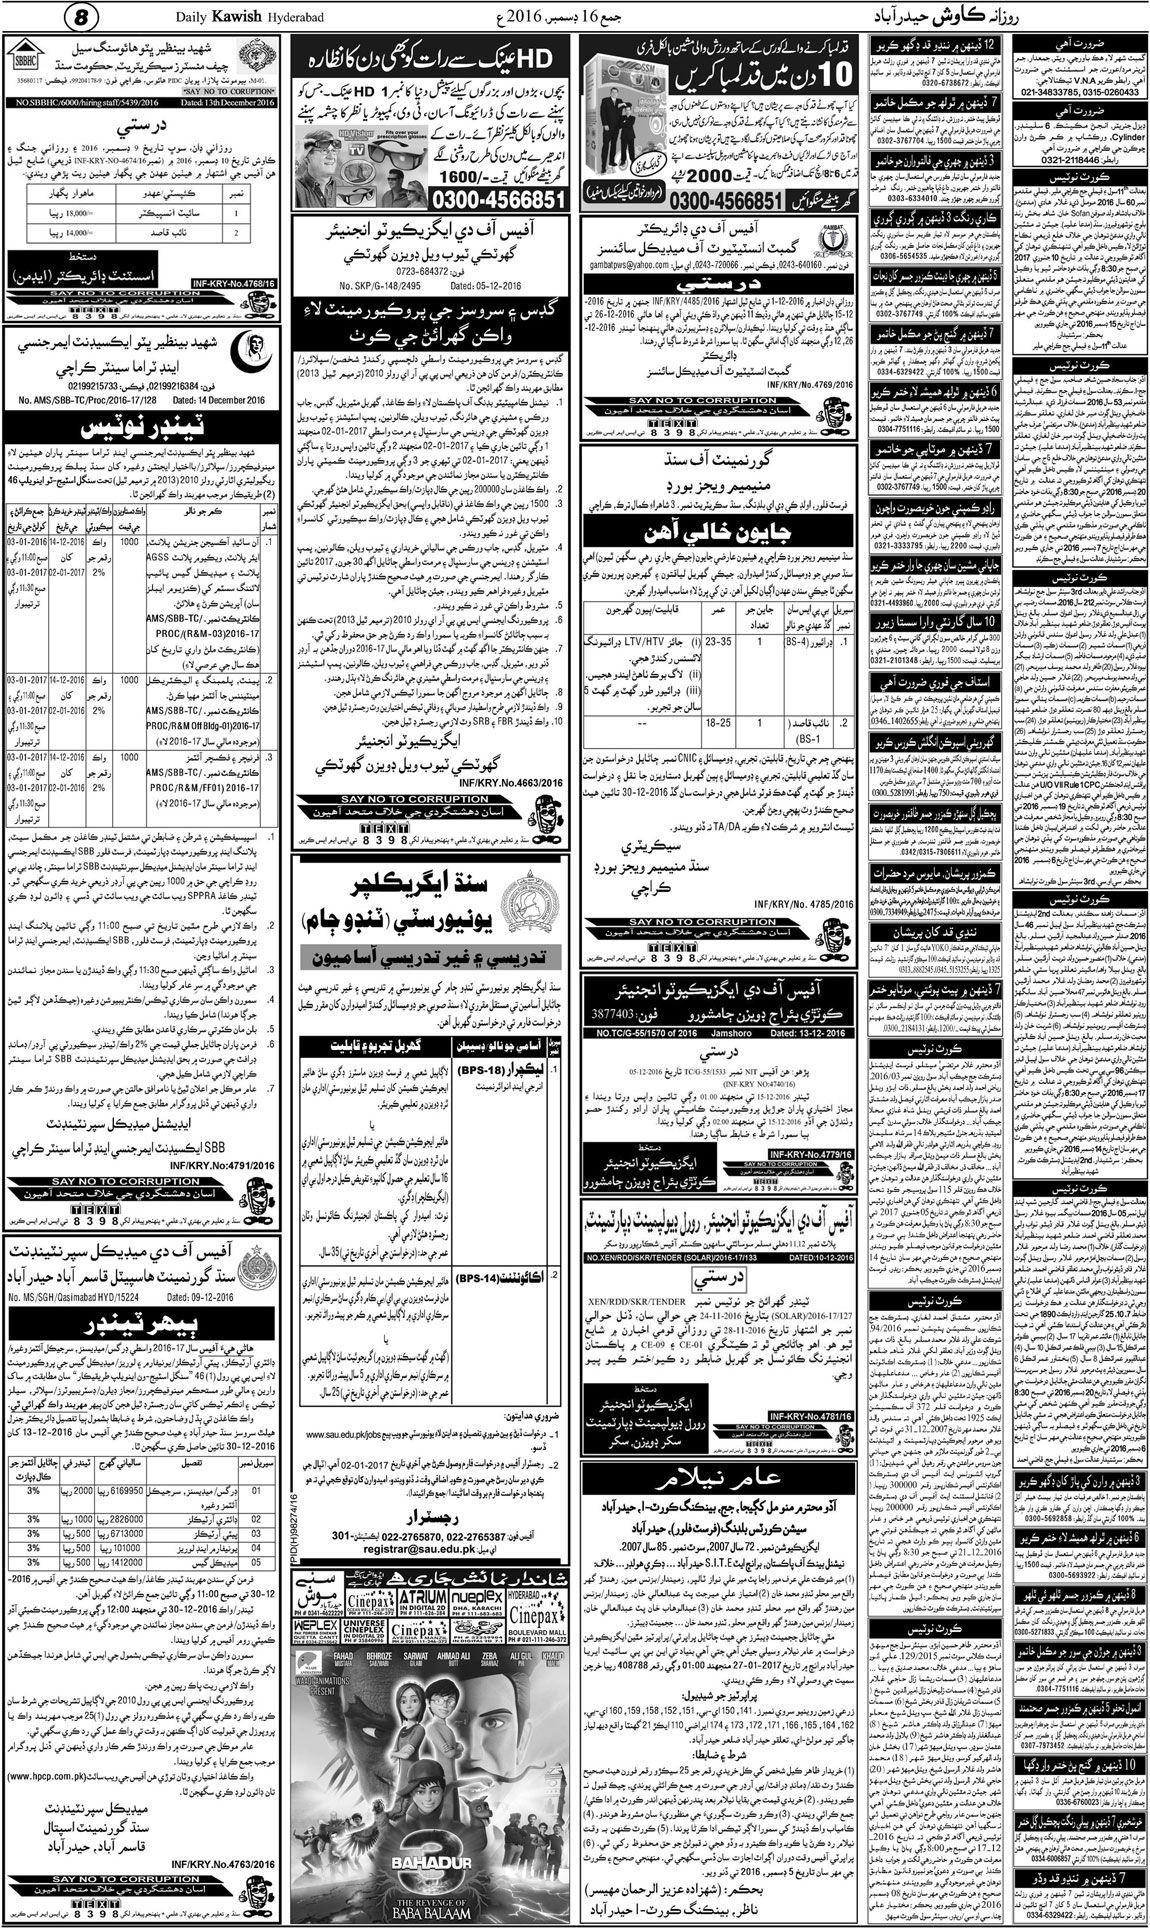 Daily Kawish Akhbar Pdf